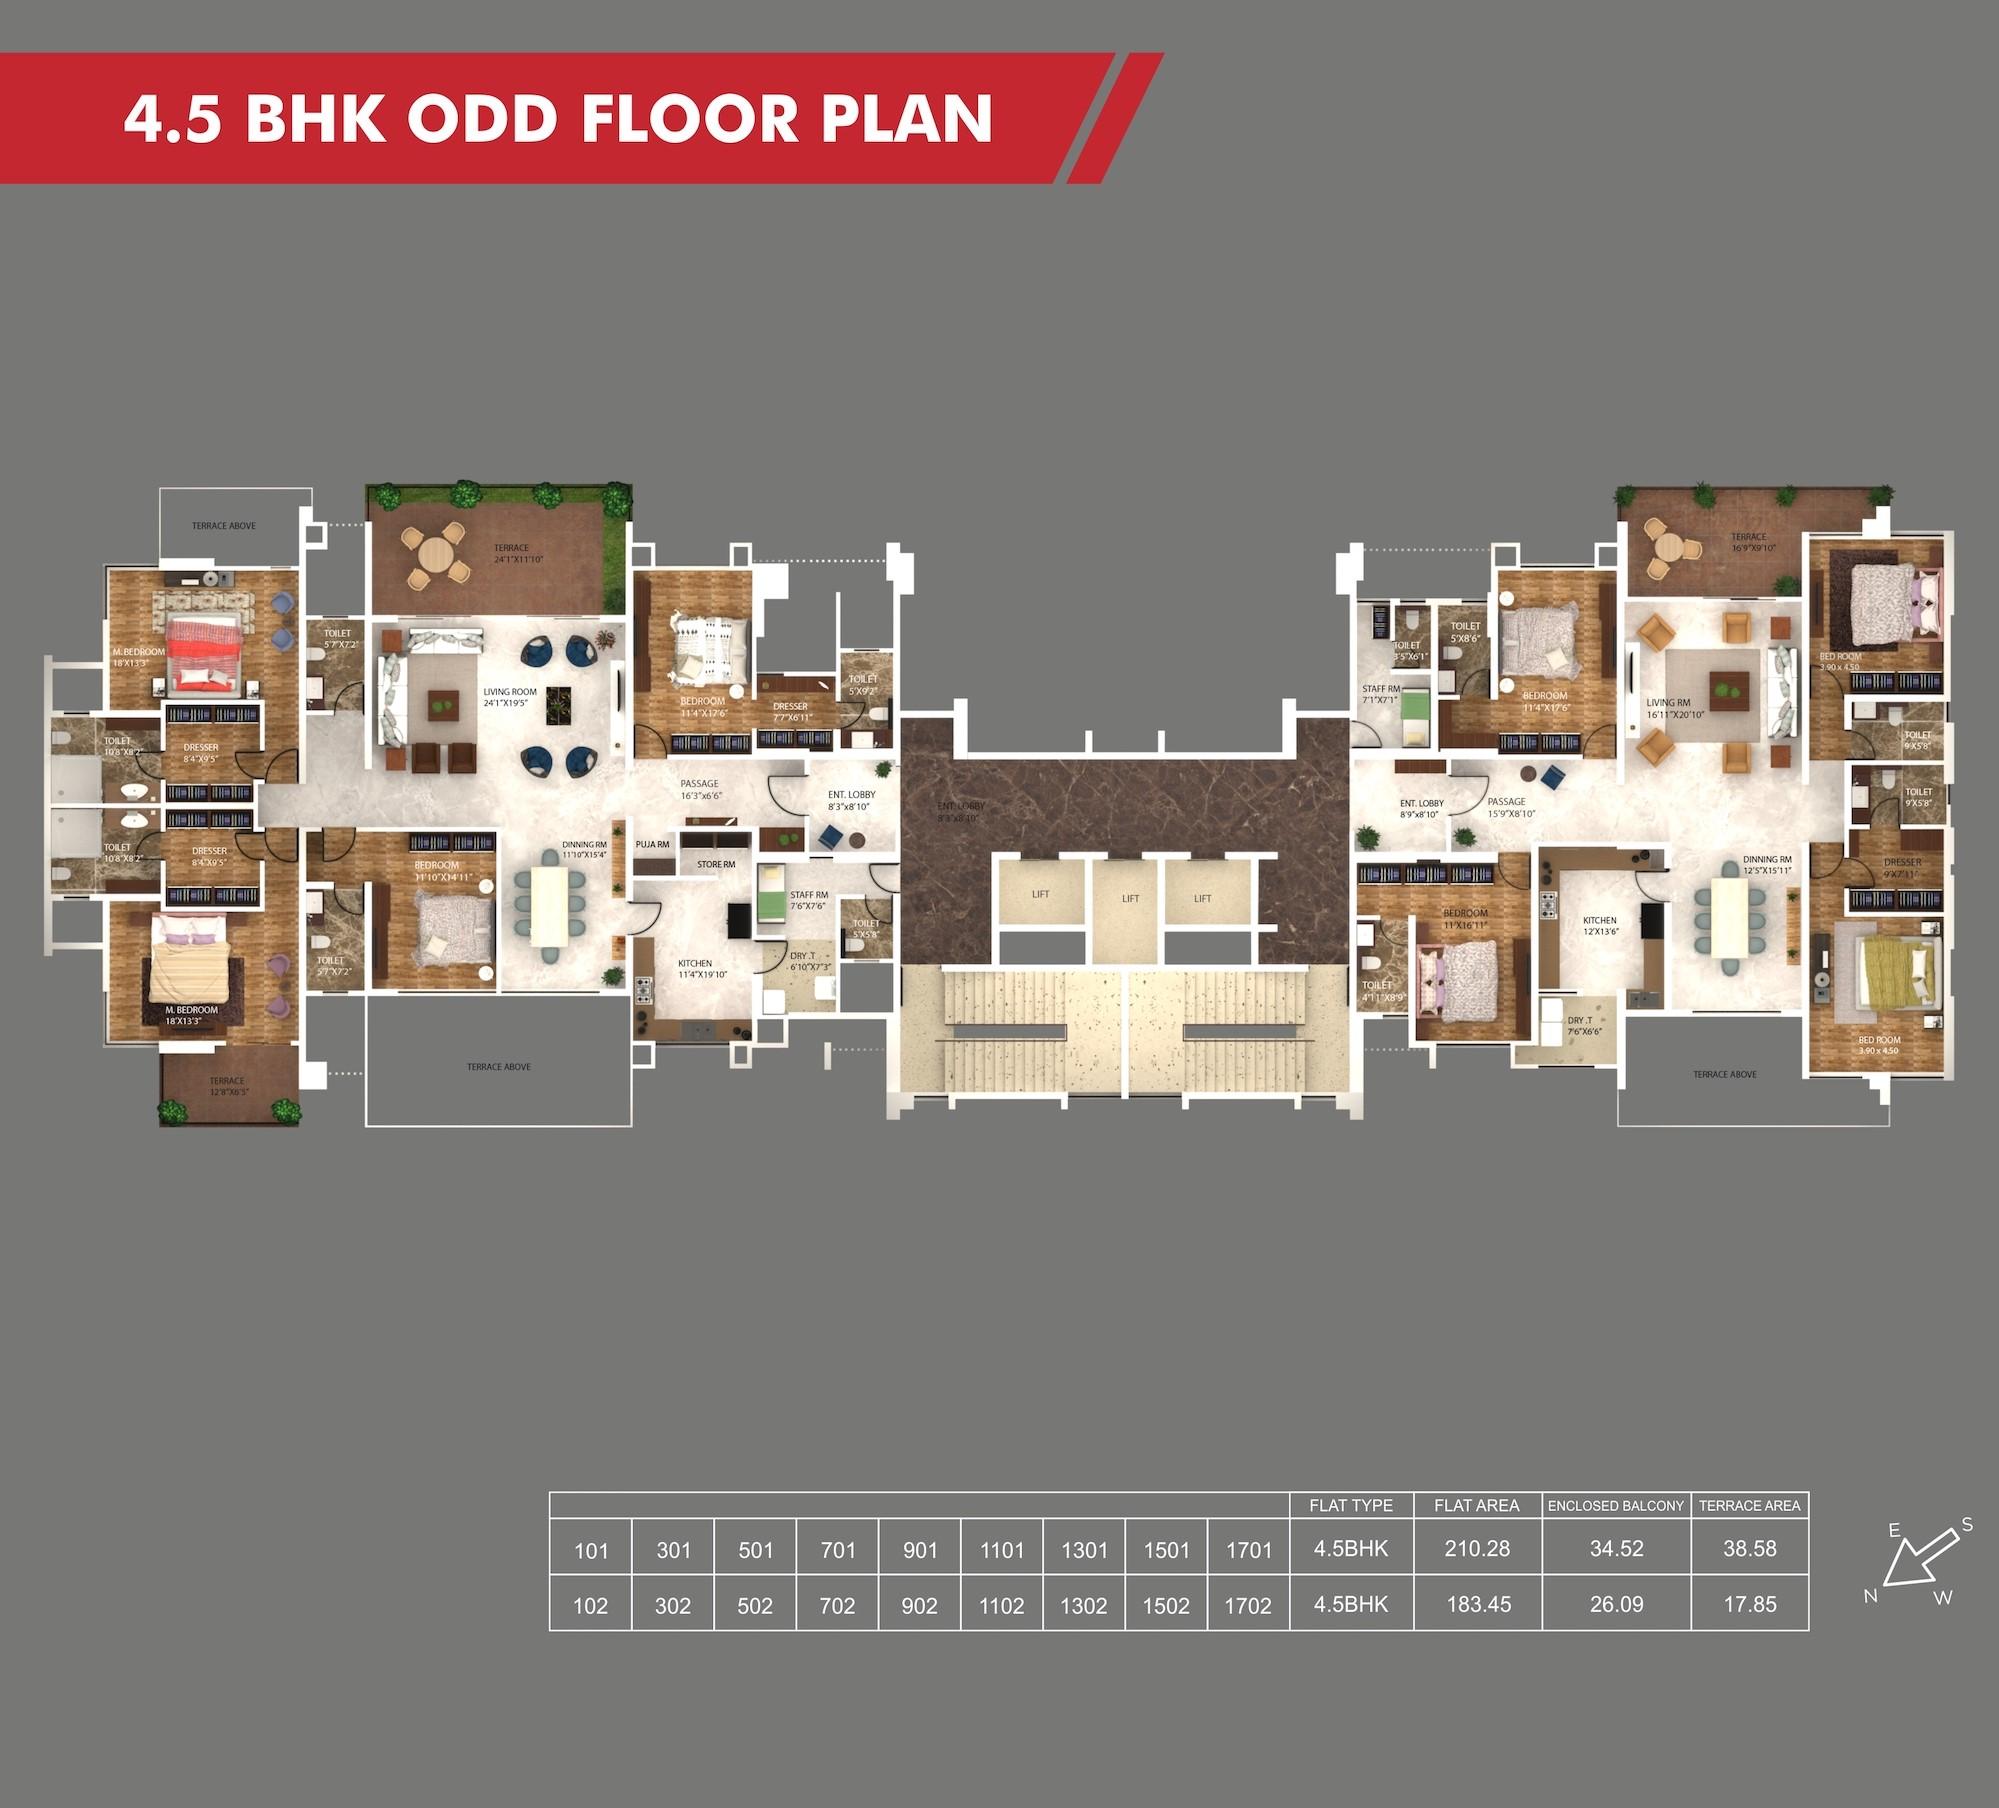 Sanctum 4.5 BHK Odd Floor Plan